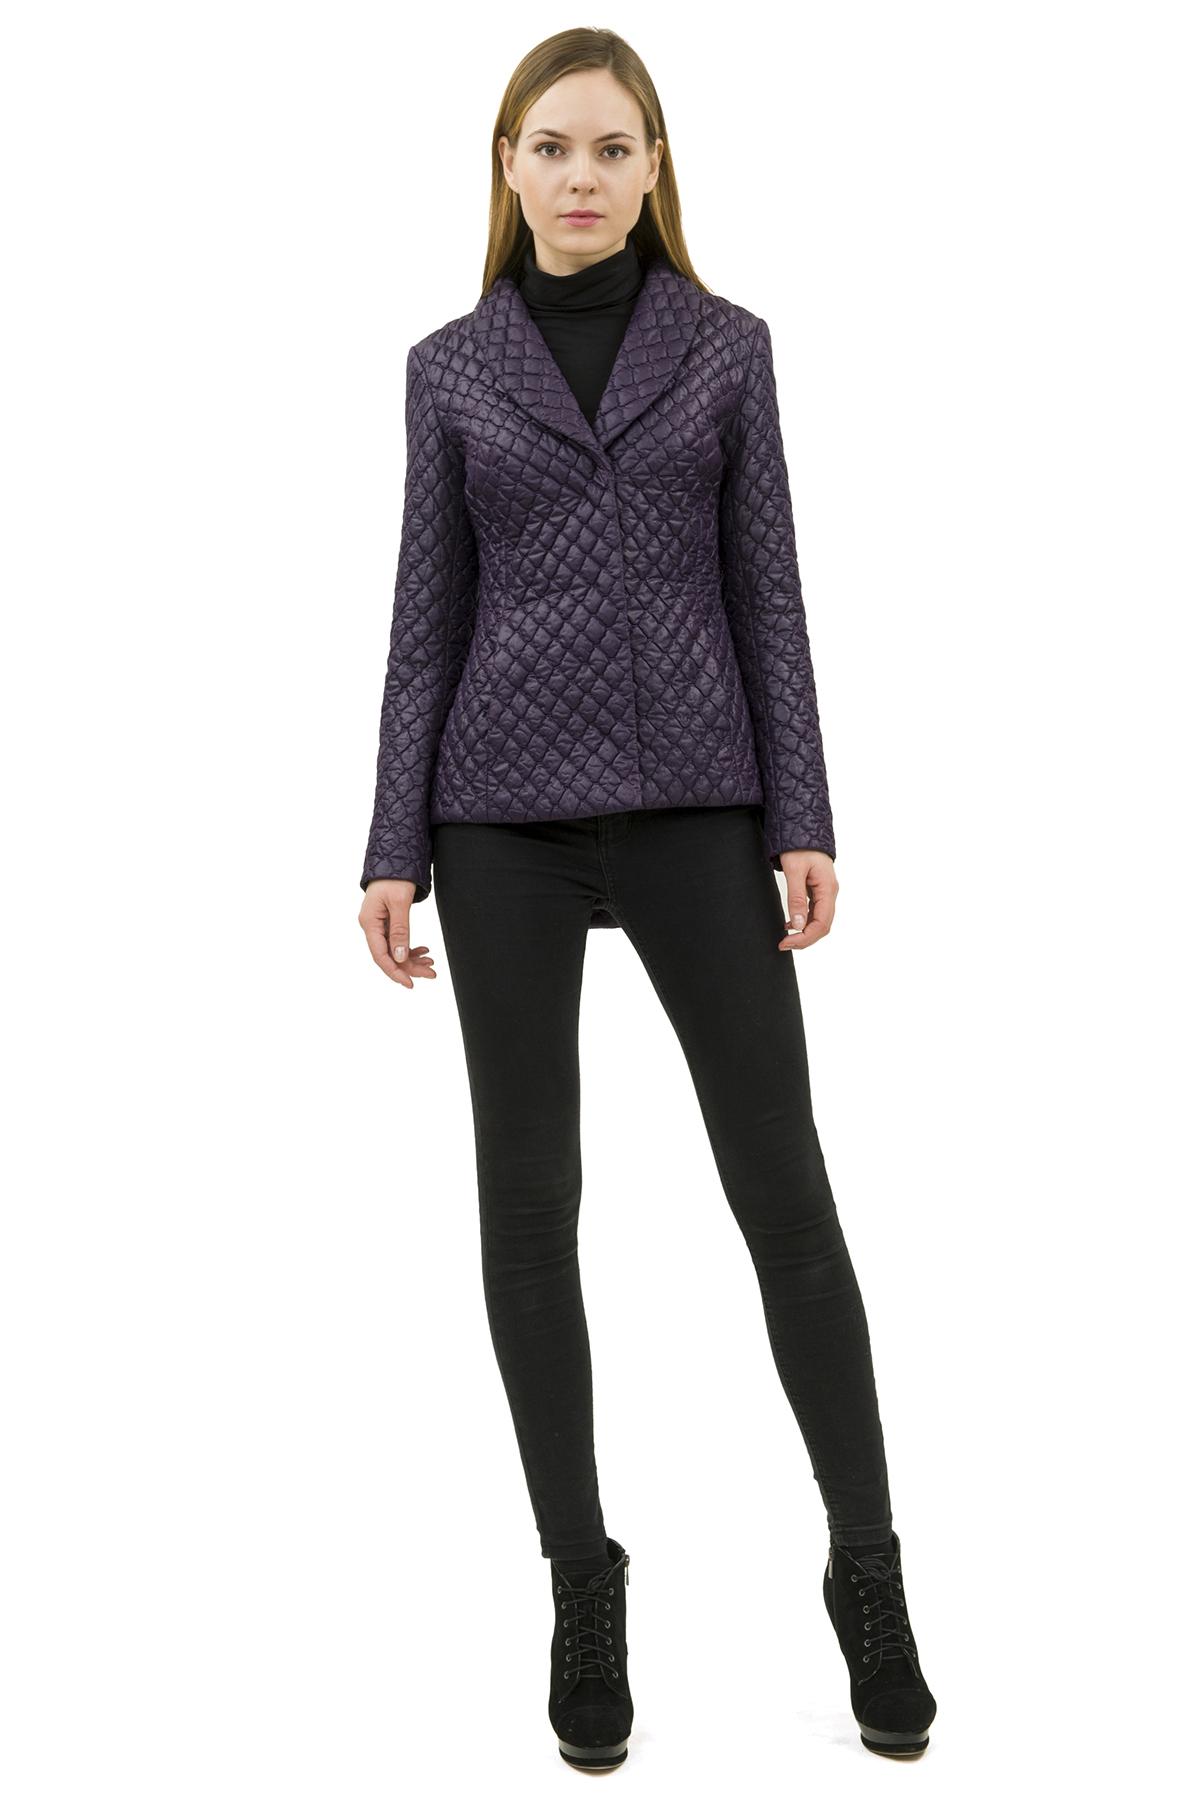 КурткаЖенские куртки, плащи, пальто<br>Стильная модель женской курткиспособна выделить Вас из общей толпы.Комфортный вариант на каждый день.<br><br>Цвет: фиолетовый<br>Состав: 100% полиэстер<br>Размер: 48,50,52<br>Страна дизайна: Россия<br>Страна производства: Россия